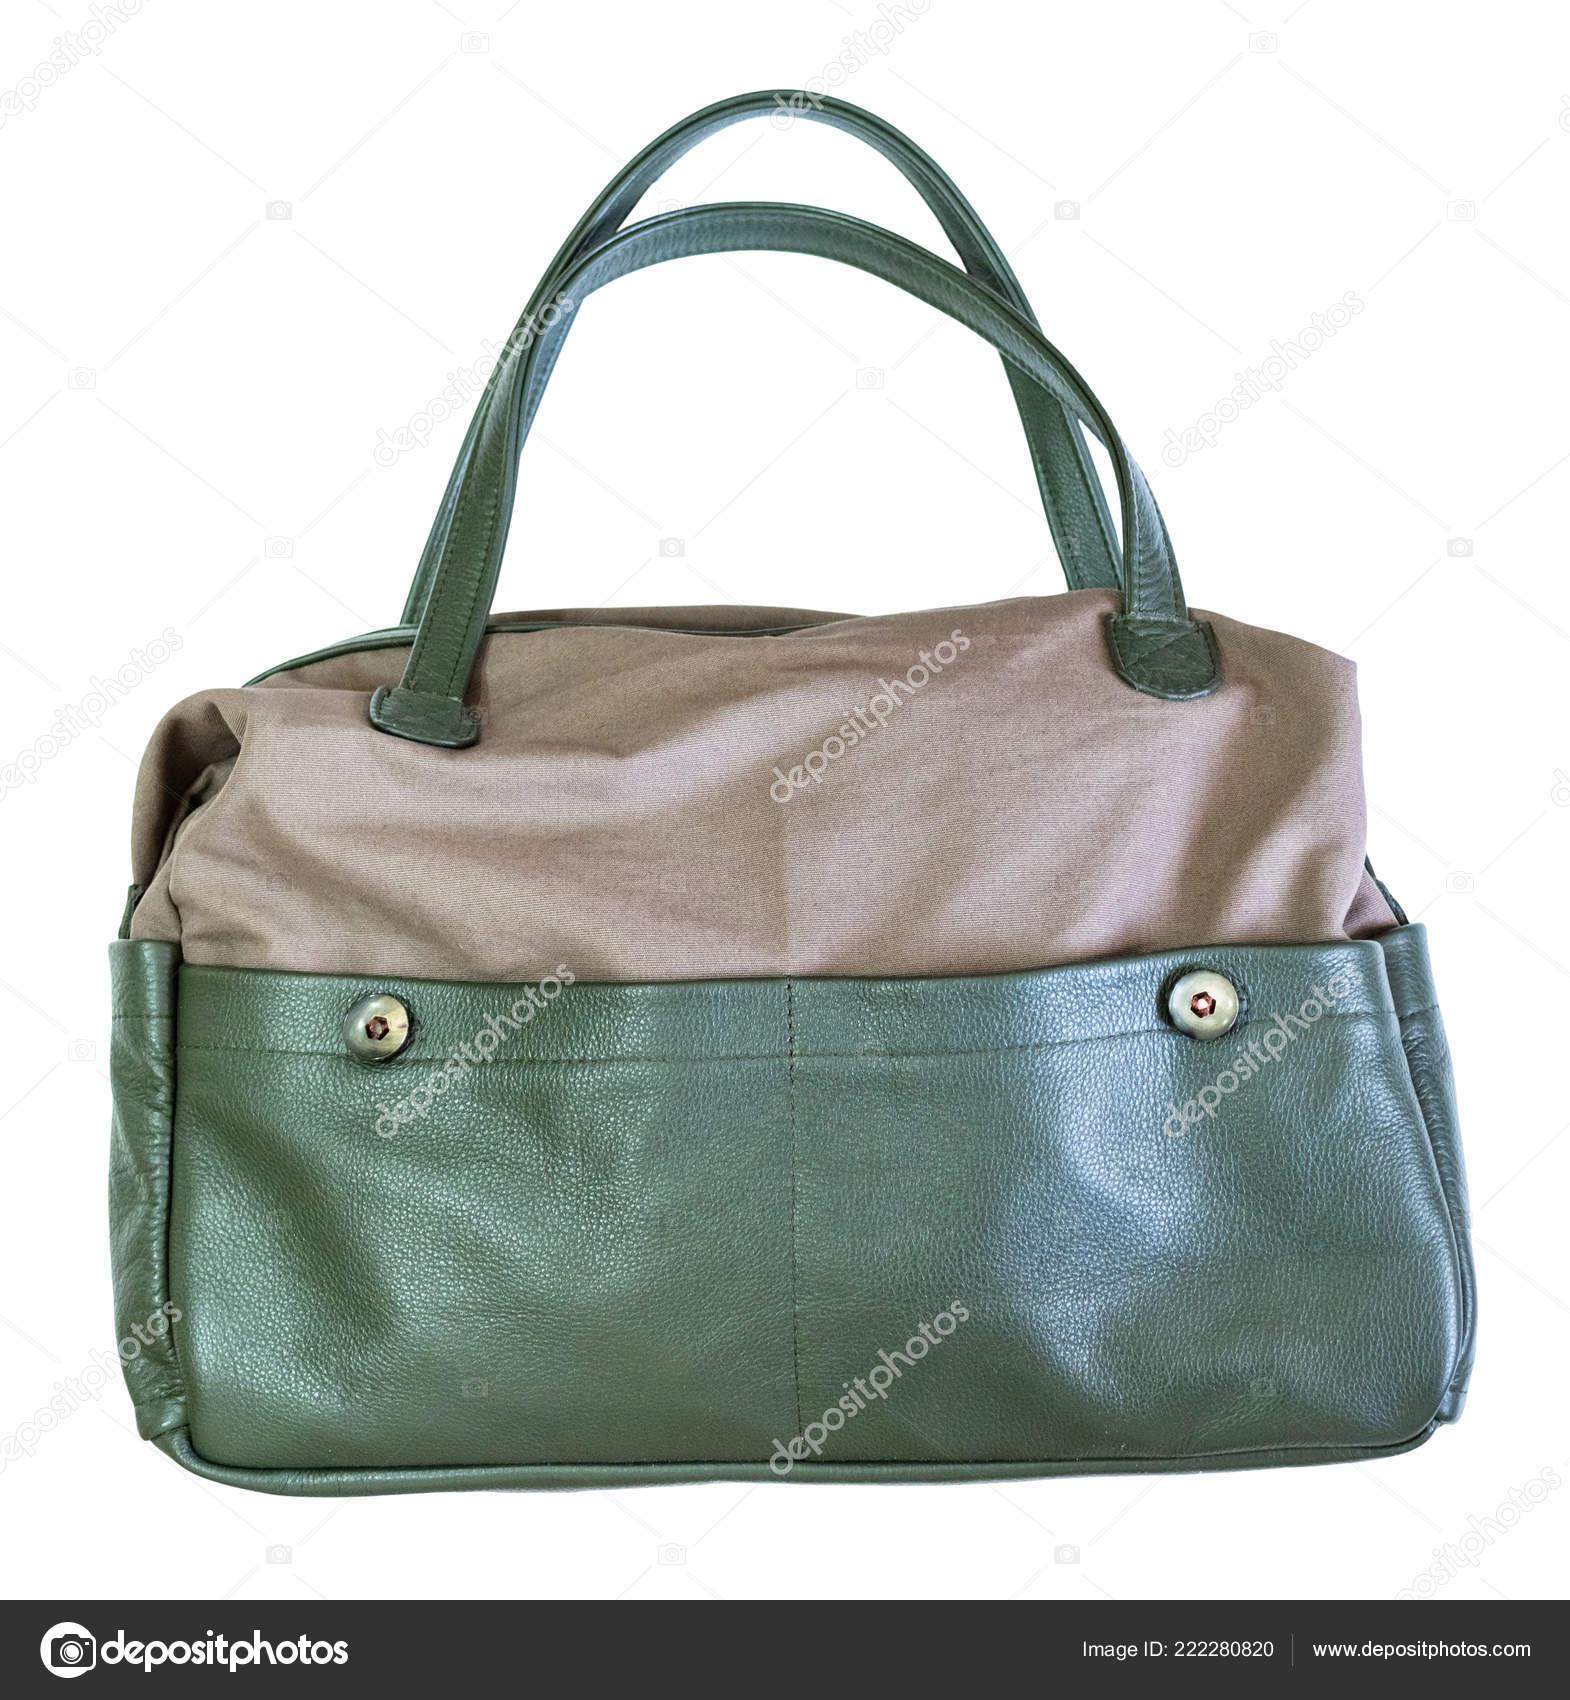 3c9dcee436d3 Новый ручной работы комбинированных текстильной и кожаная сумка, вырезают  на белом фоне — Фото автора ekaterina.kriminskaya@gmail.com| ...